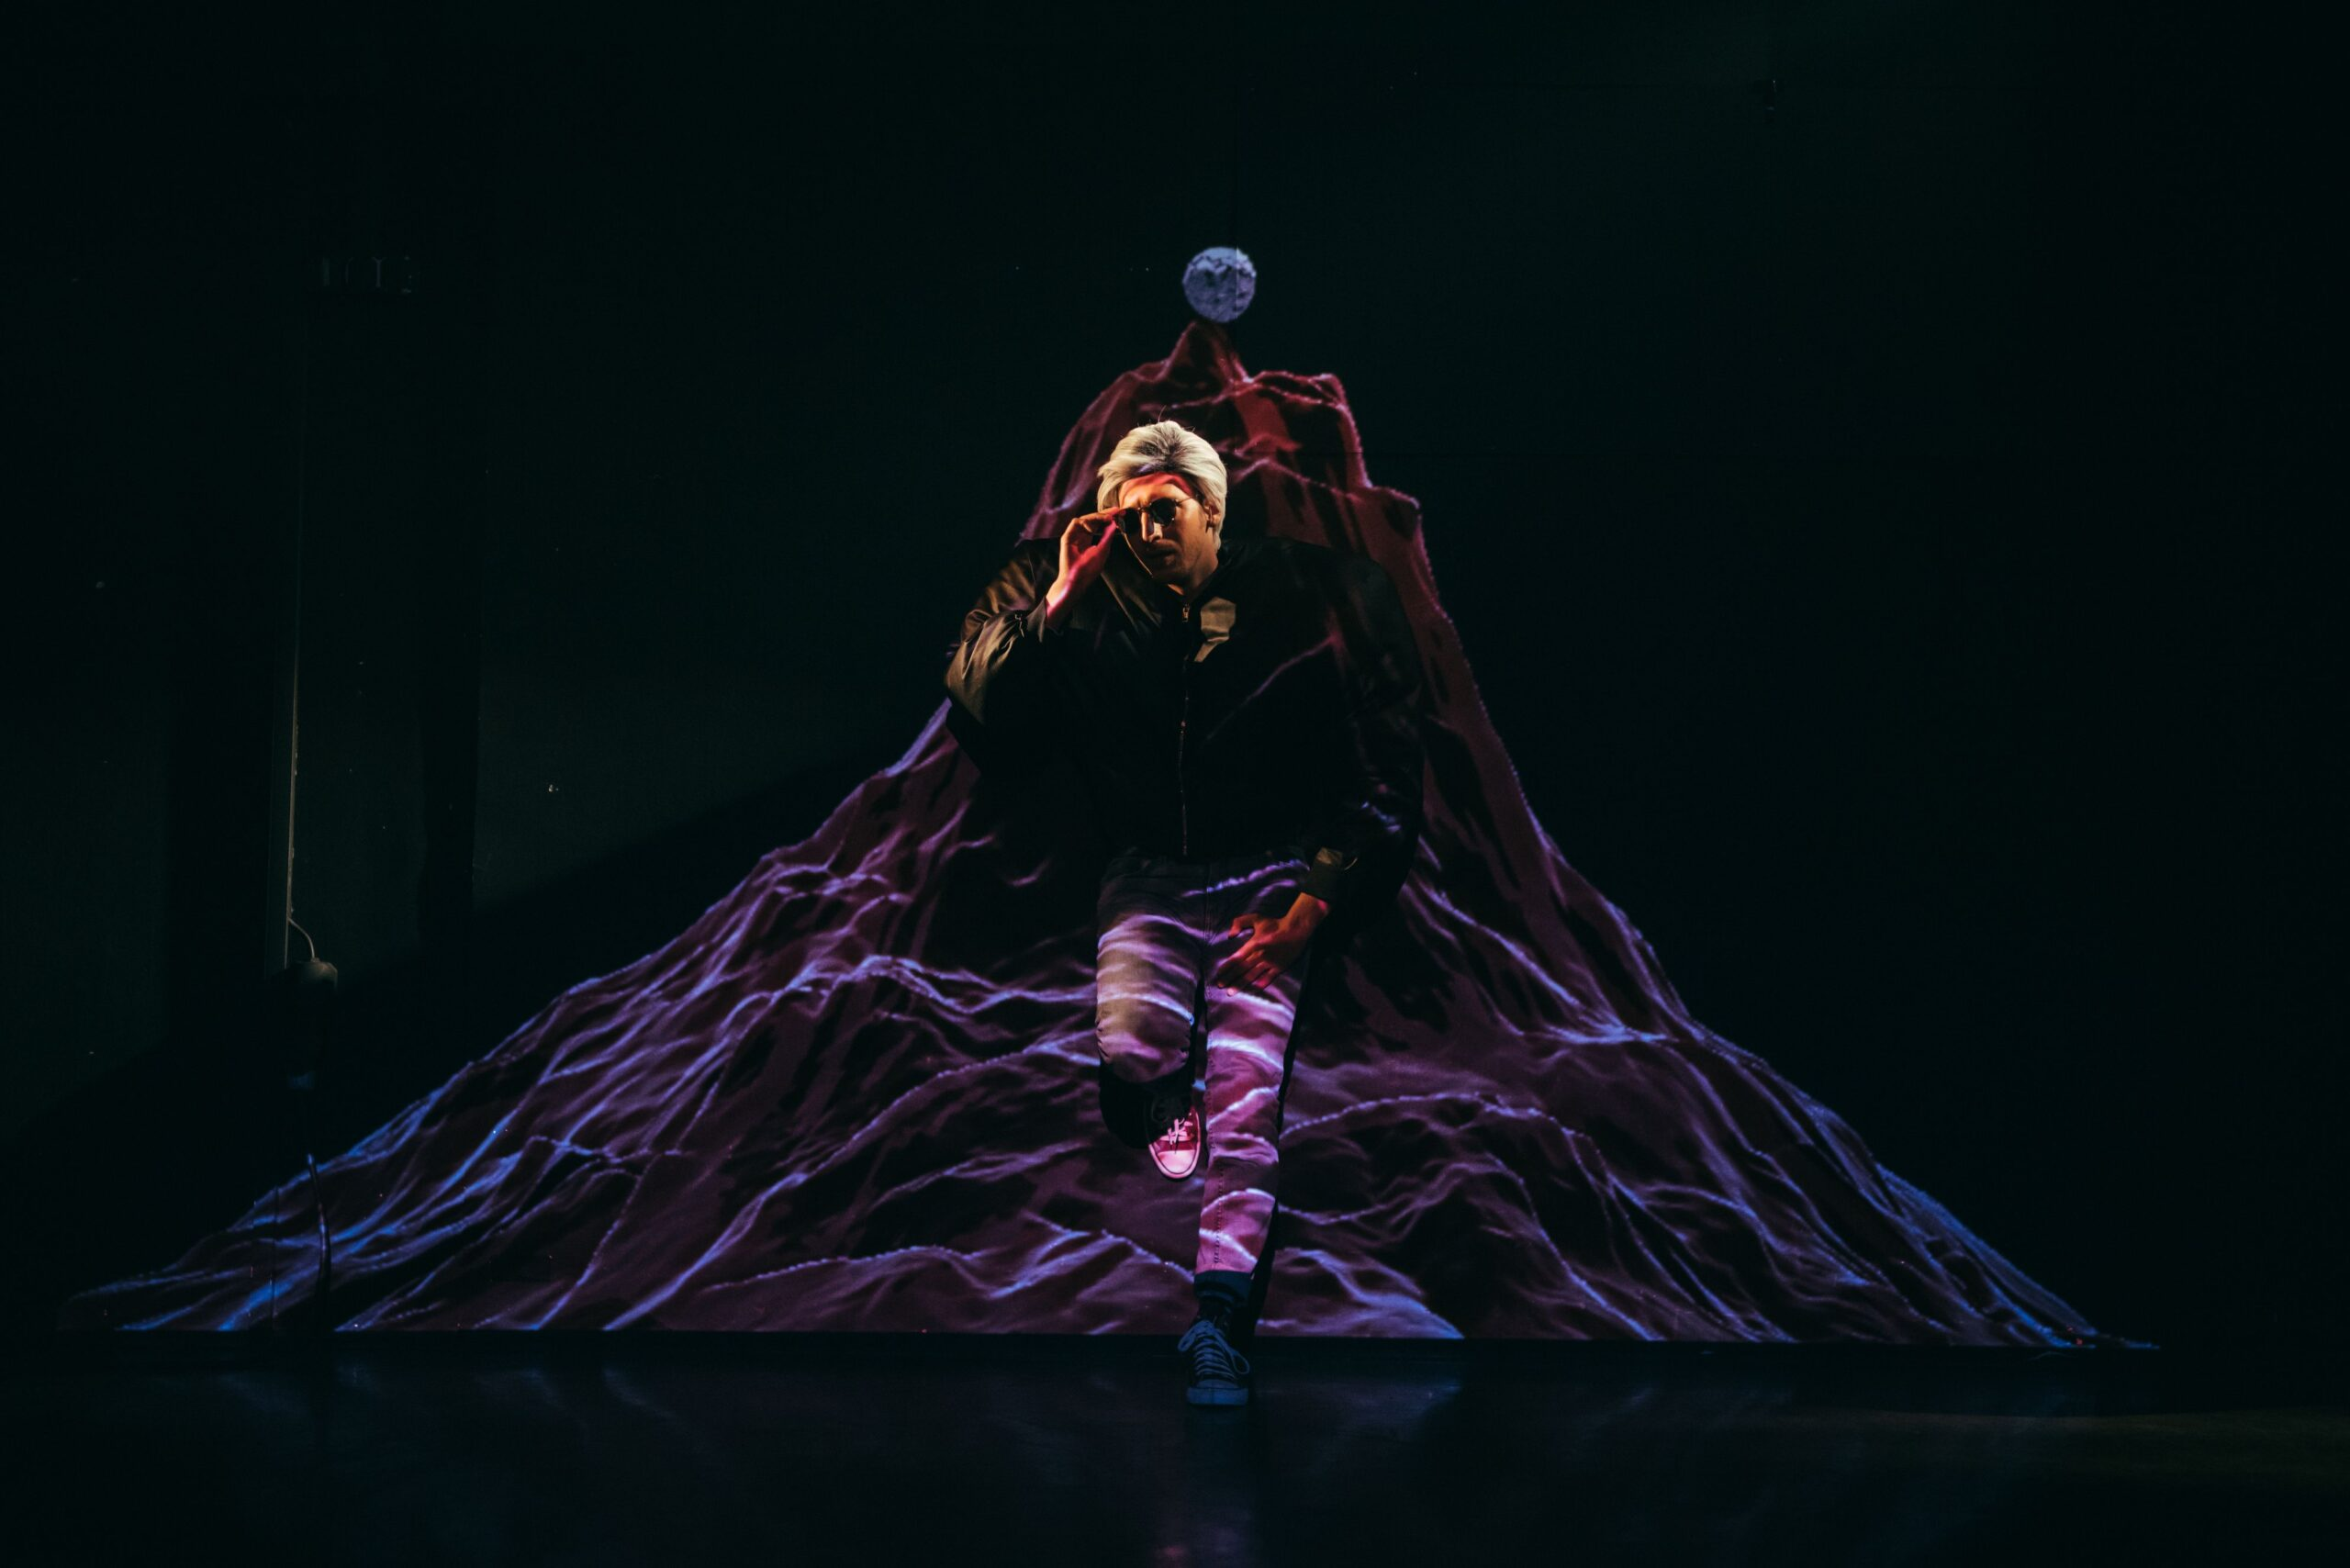 KunstTeatar: Osjećaj konstantnog guranja kamena na kazališnoj sceni, posebno nezavisnoj je vrlo kontinuiran